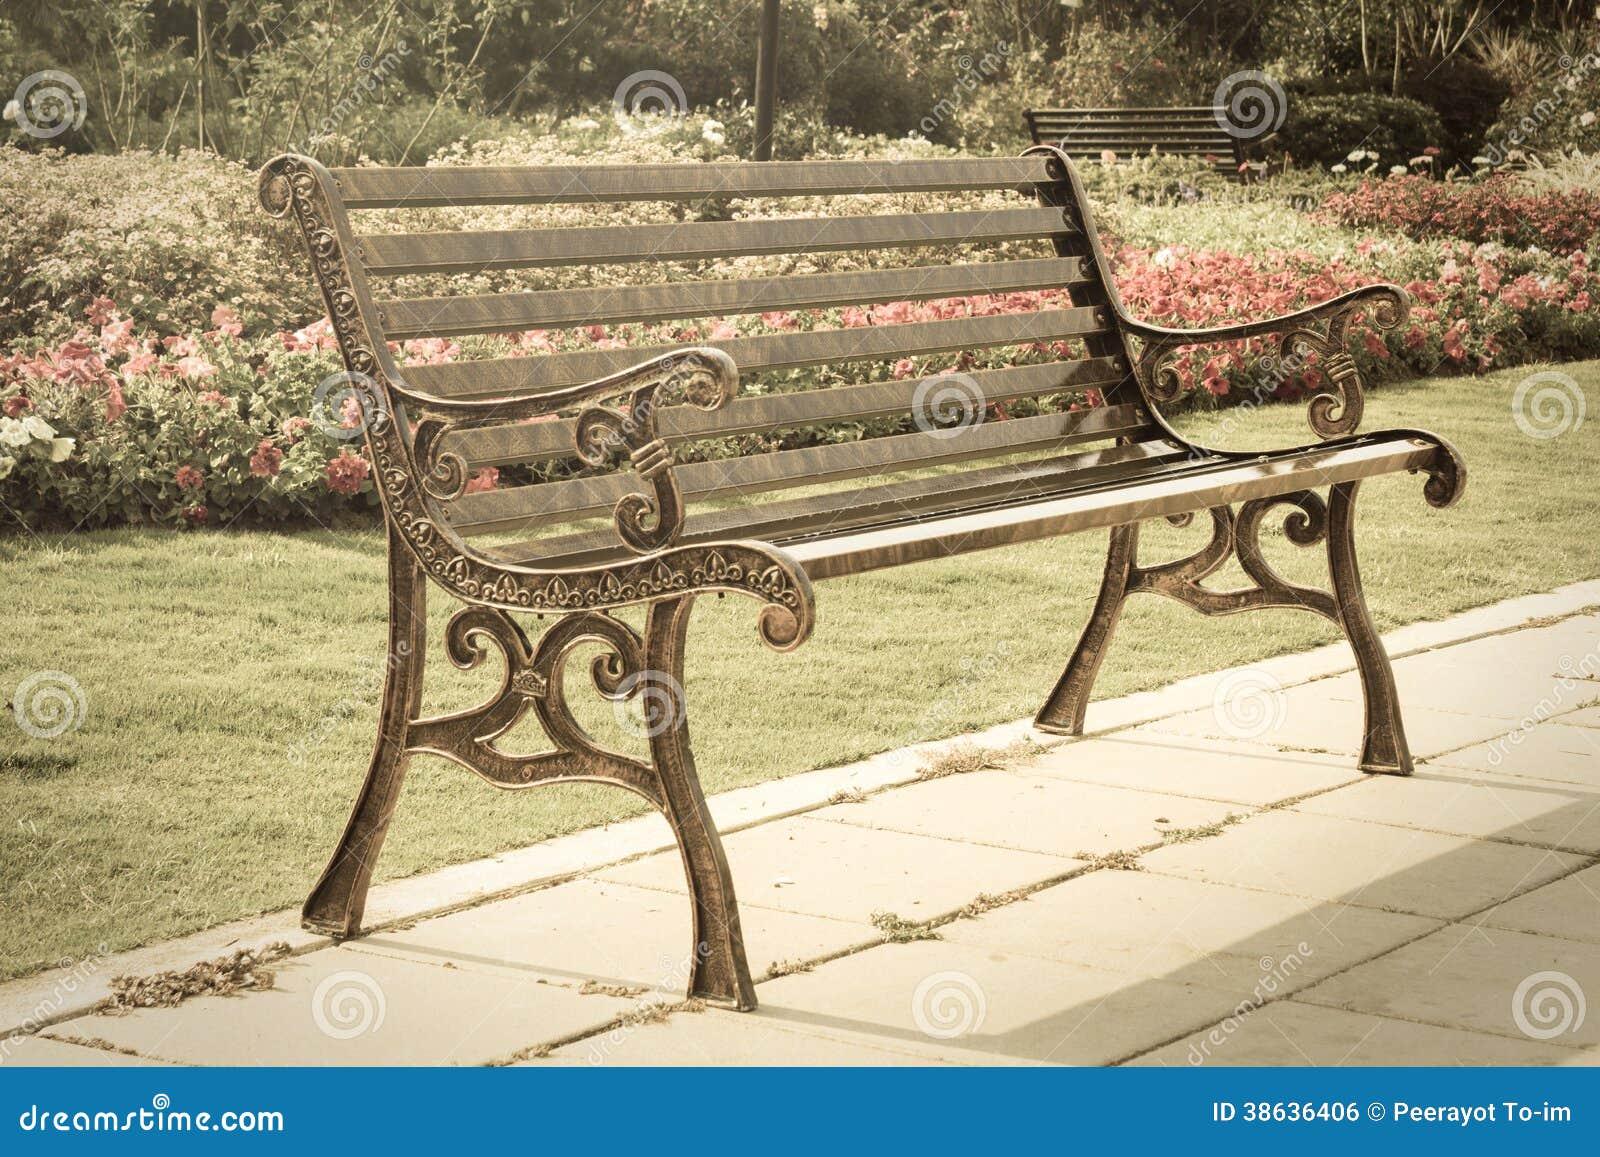 Metallbank im Garten. stockfoto. Bild von metall, park - 38636406